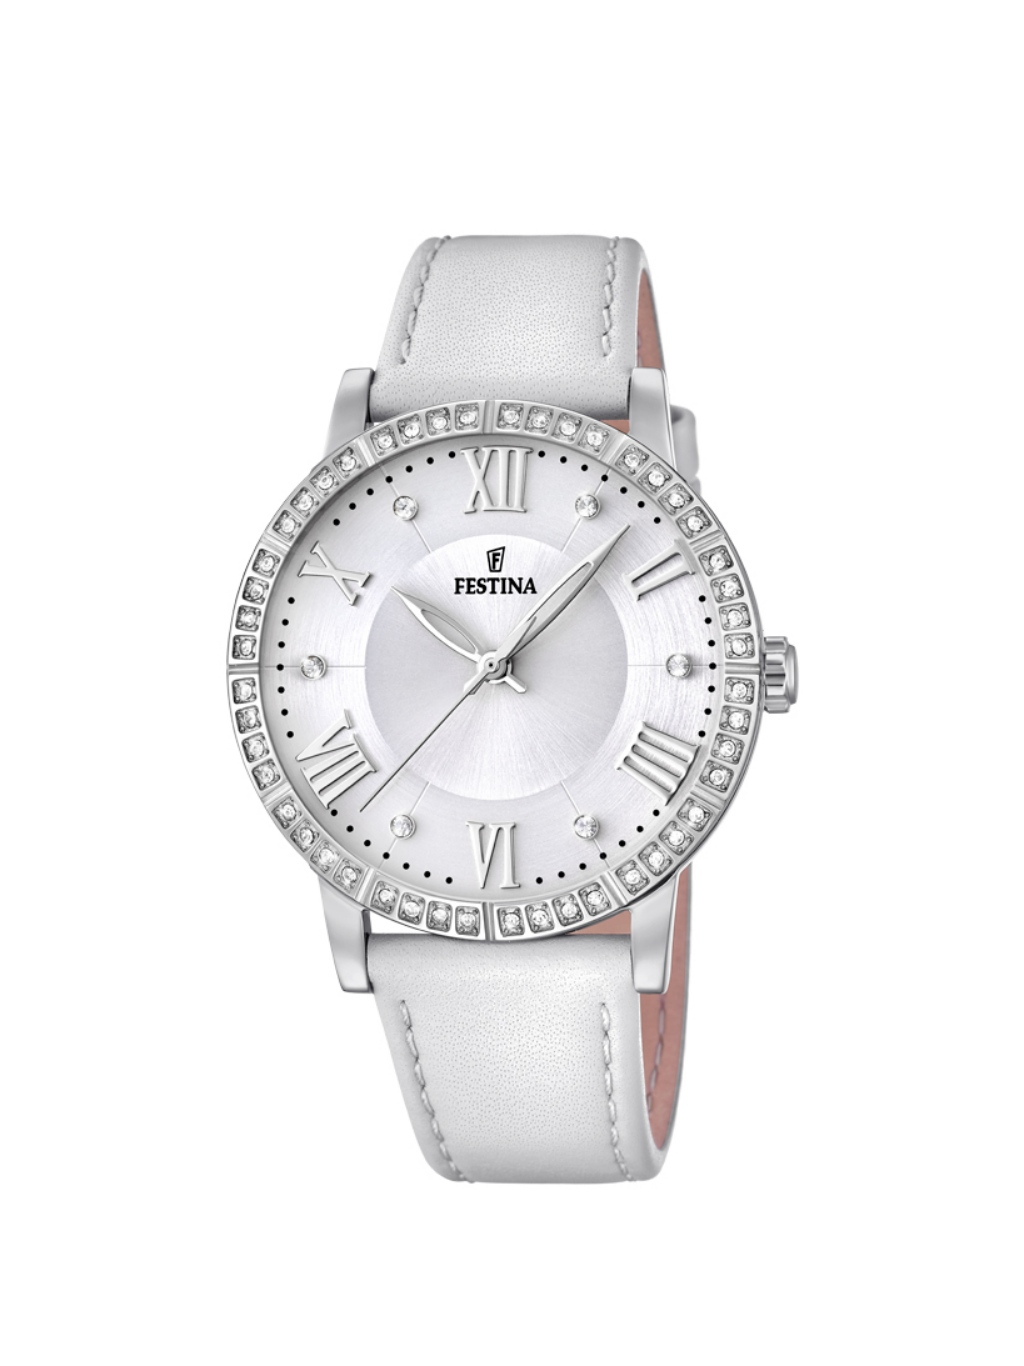 Uhr Lederarmband F204121 Festina Damenuhr Weiß SMVpUz